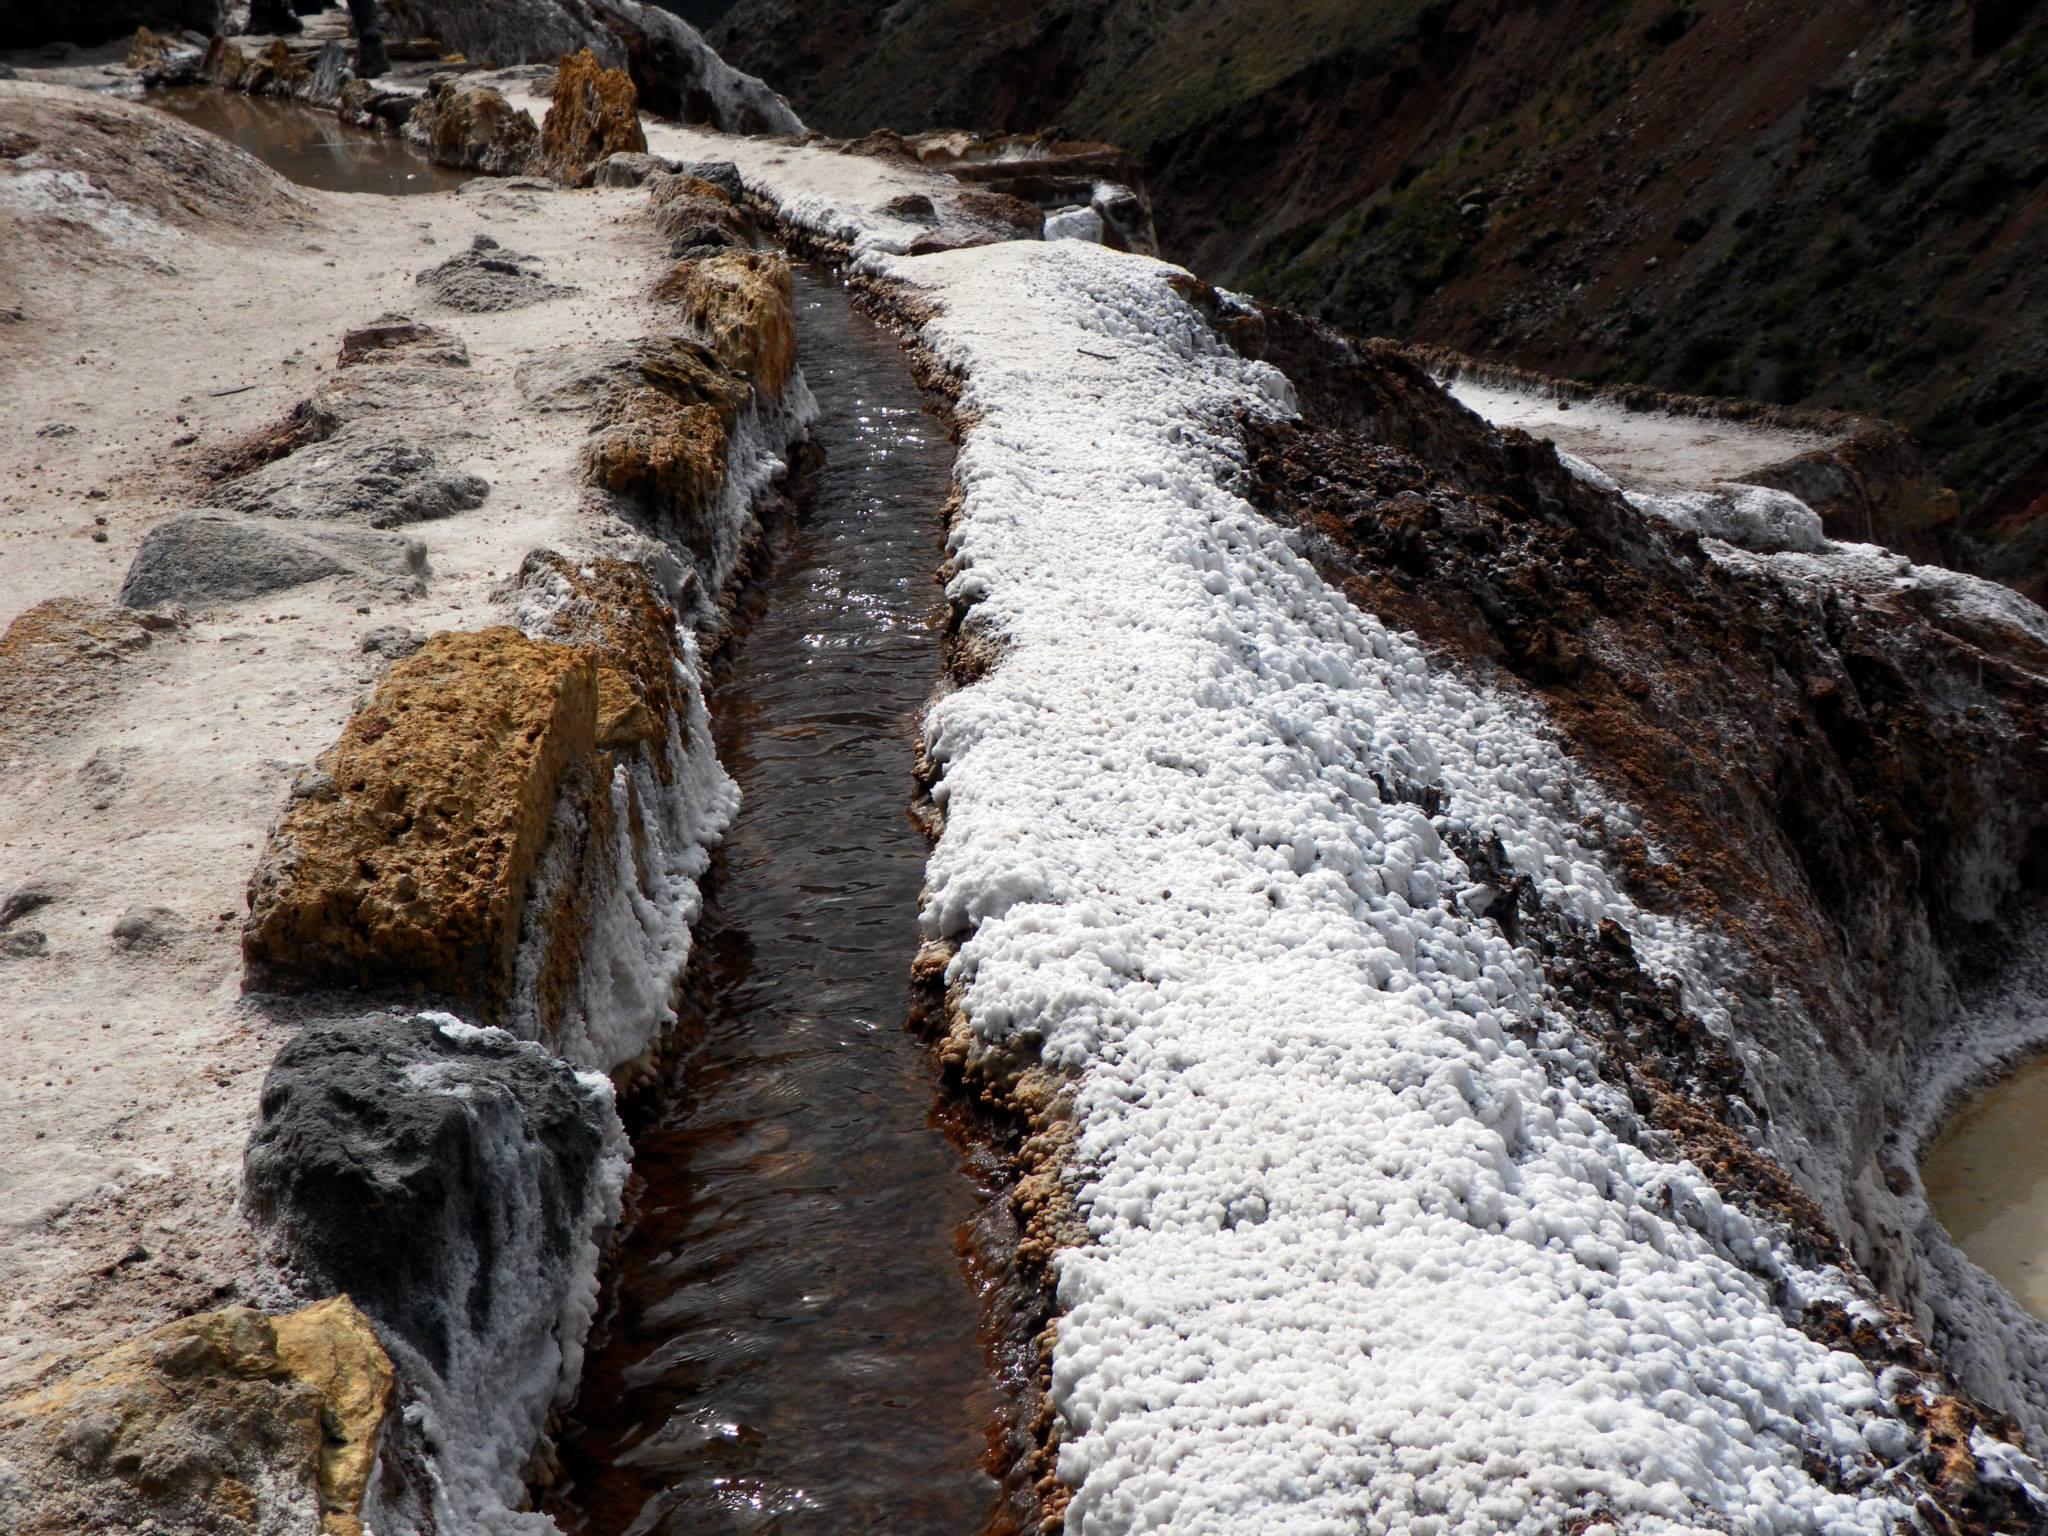 A canal of water running through the salt pans of Maras.